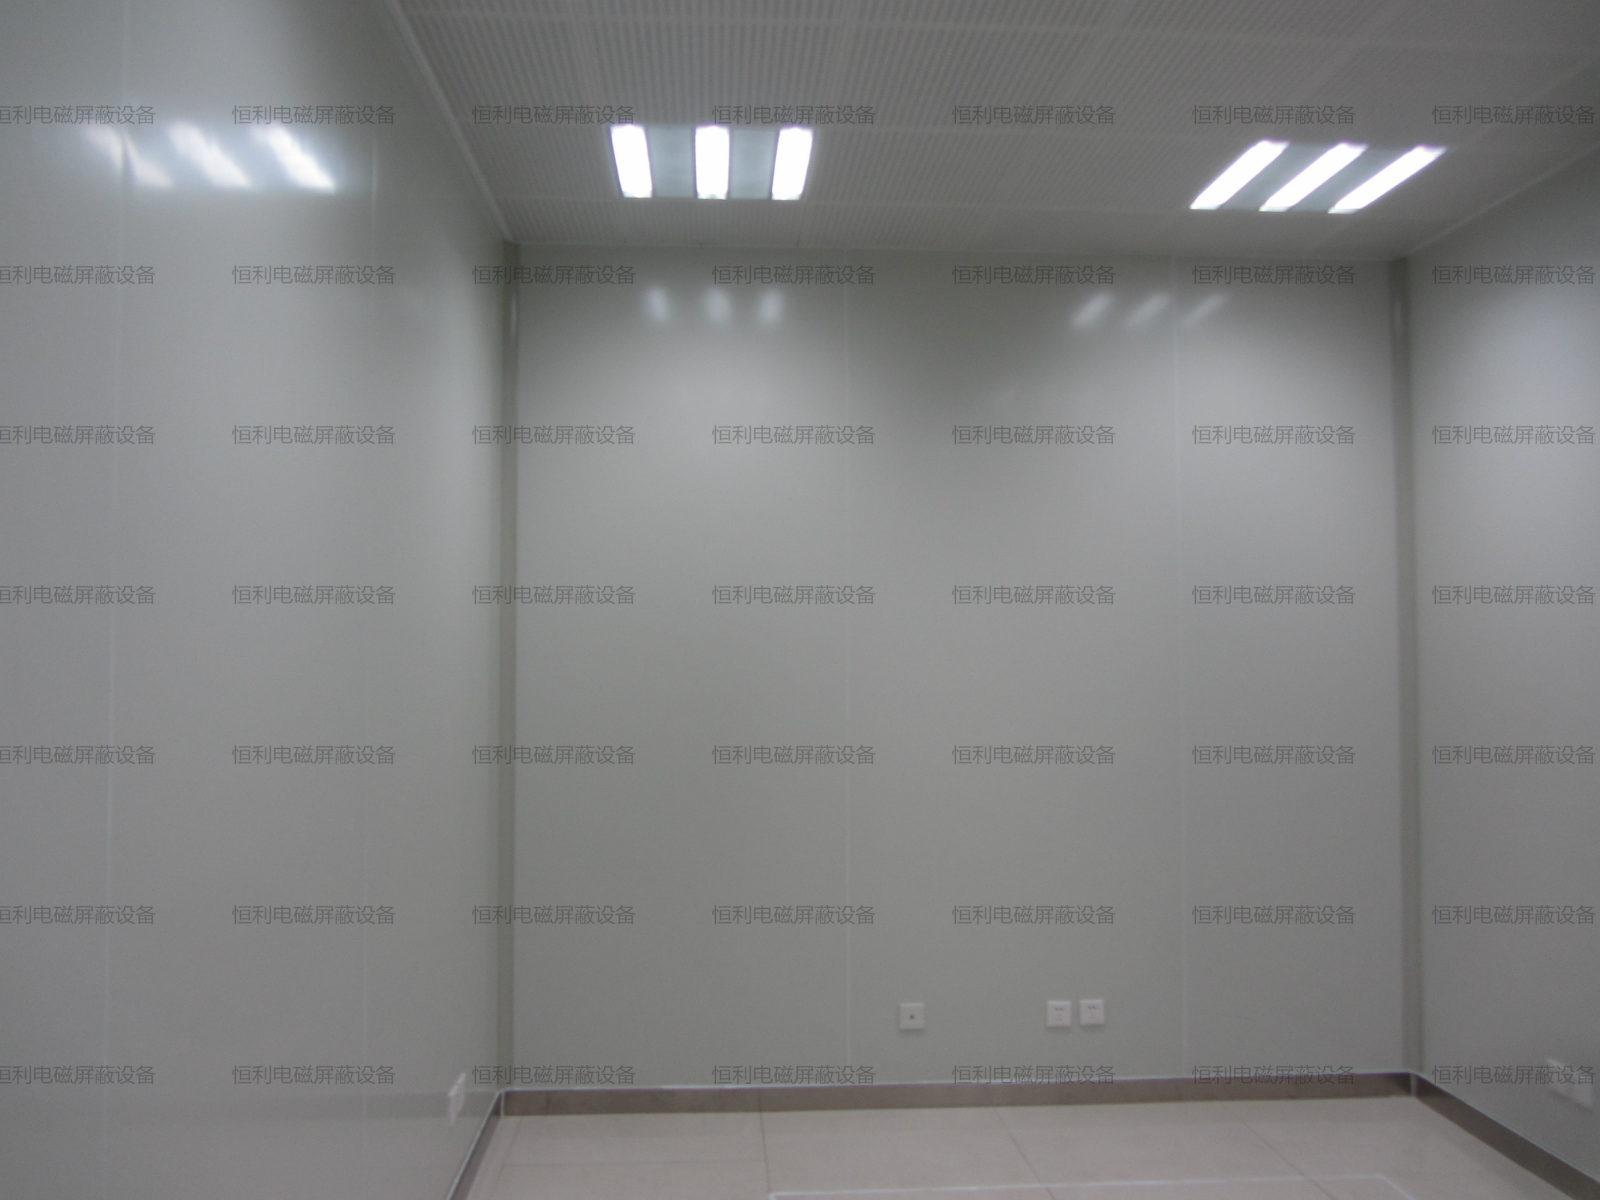 电镜实验室